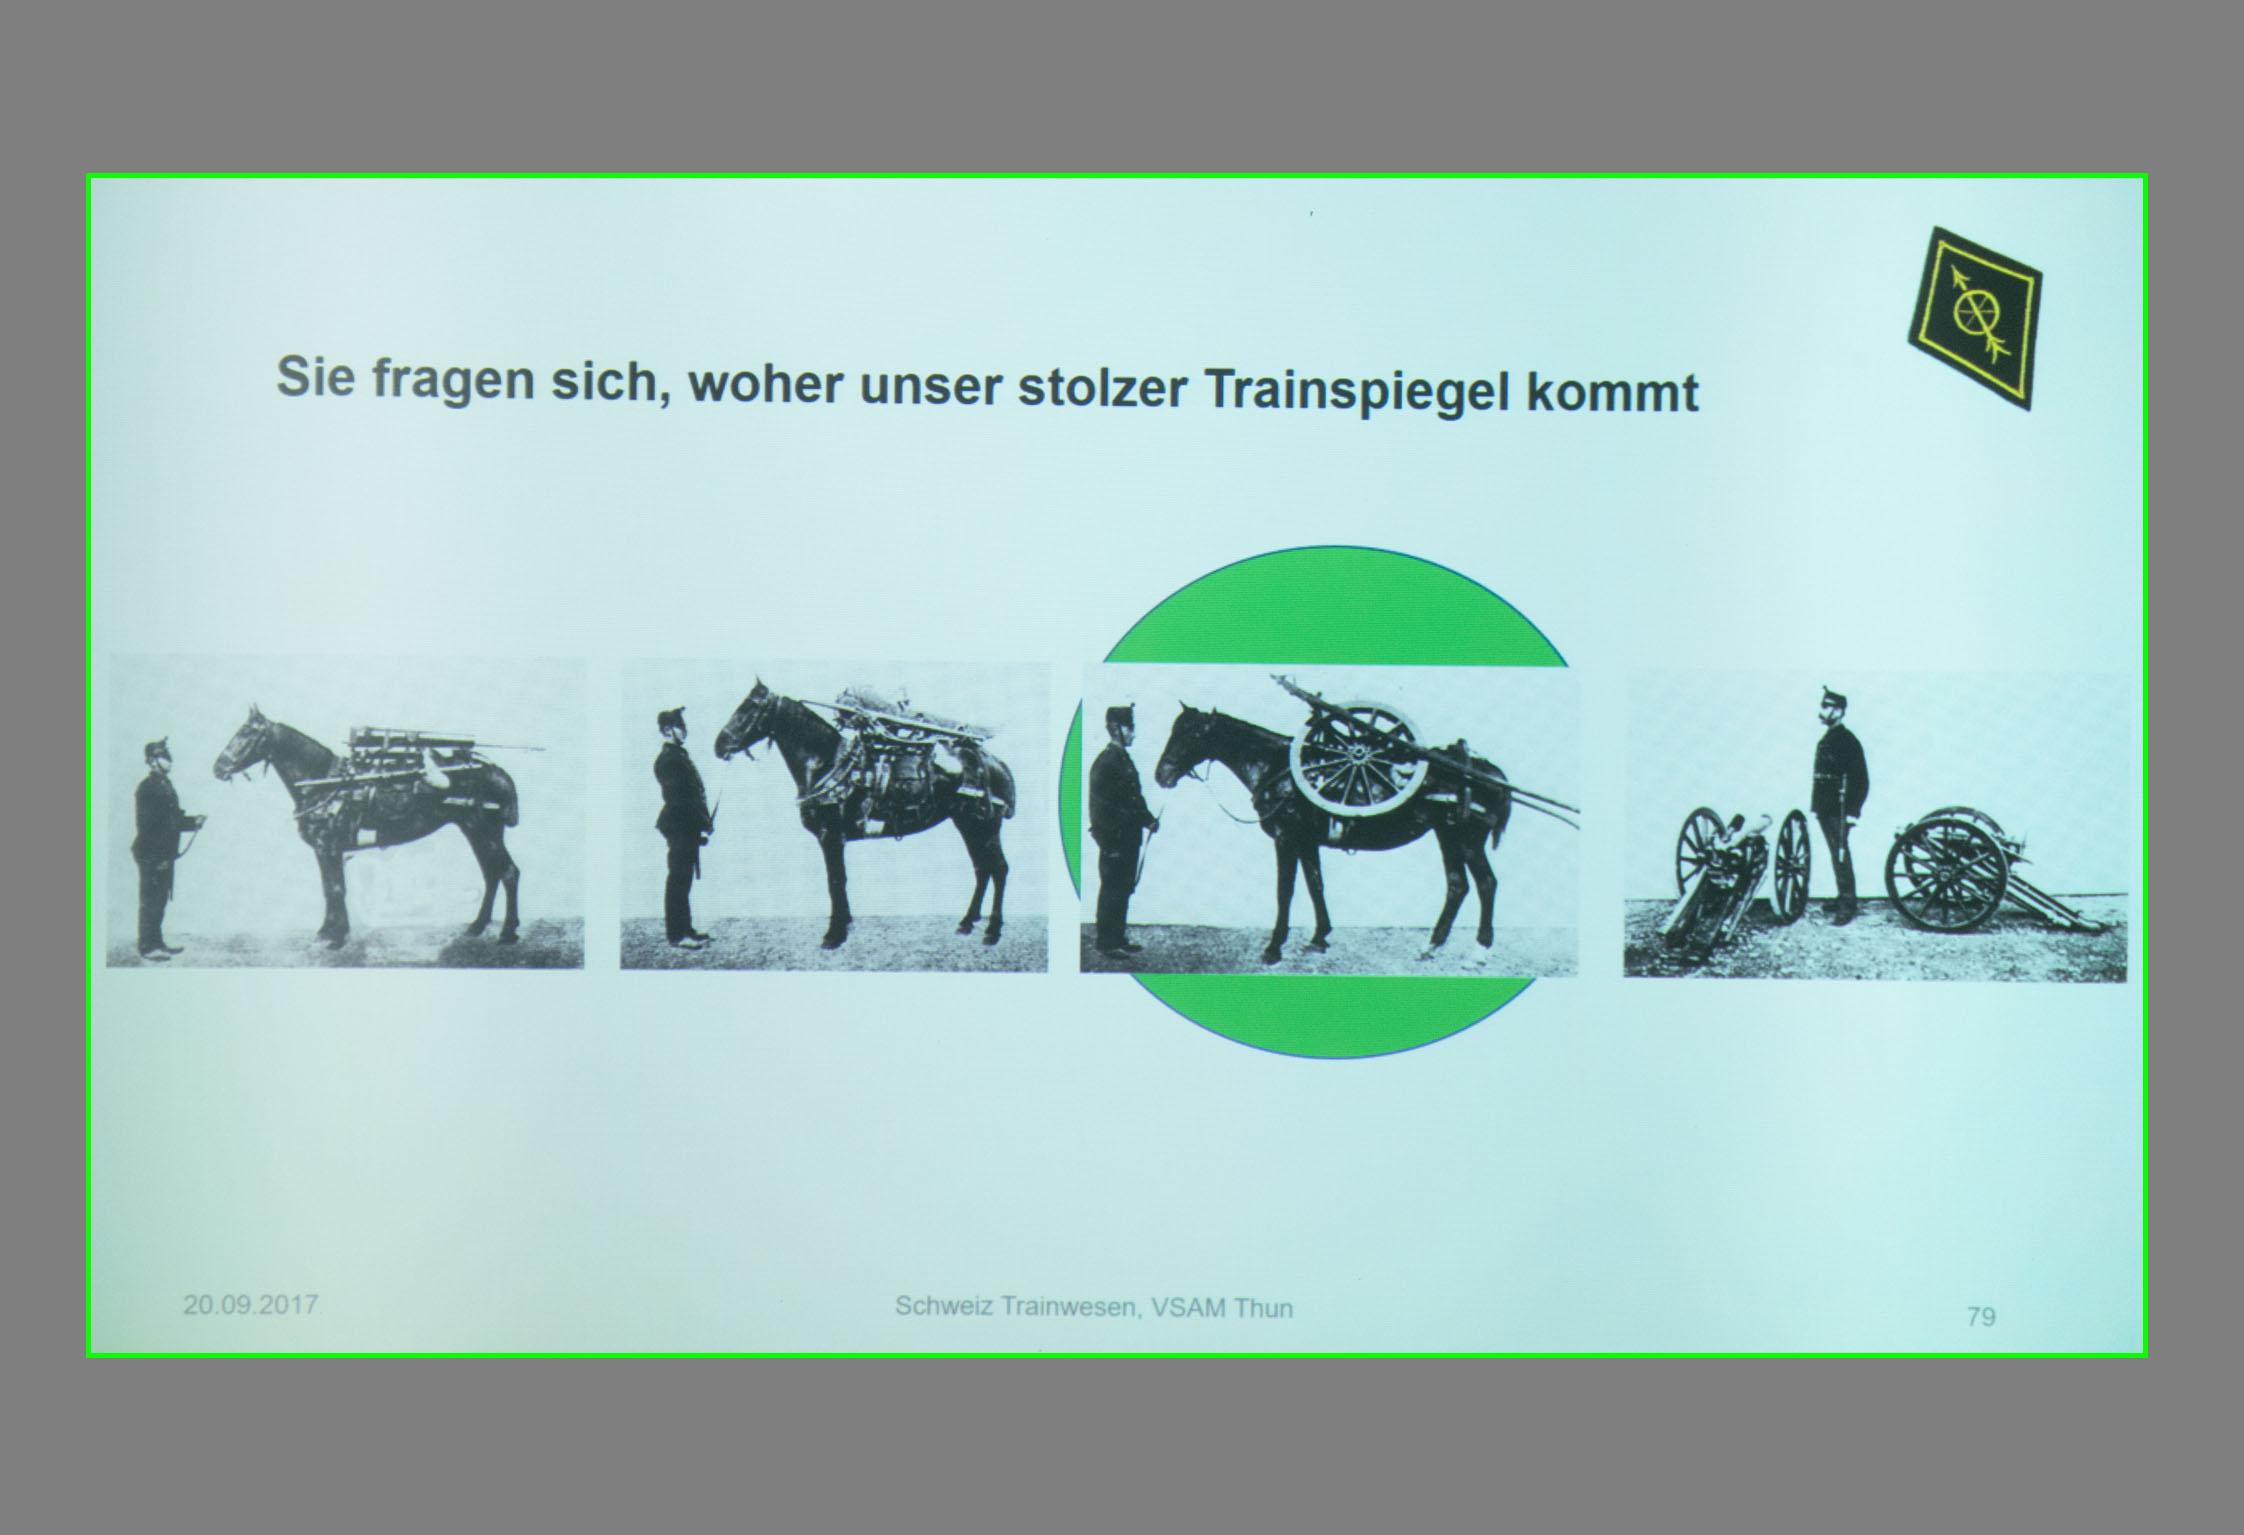 Aus der Geschichte des Schweizerischen Trainwesens